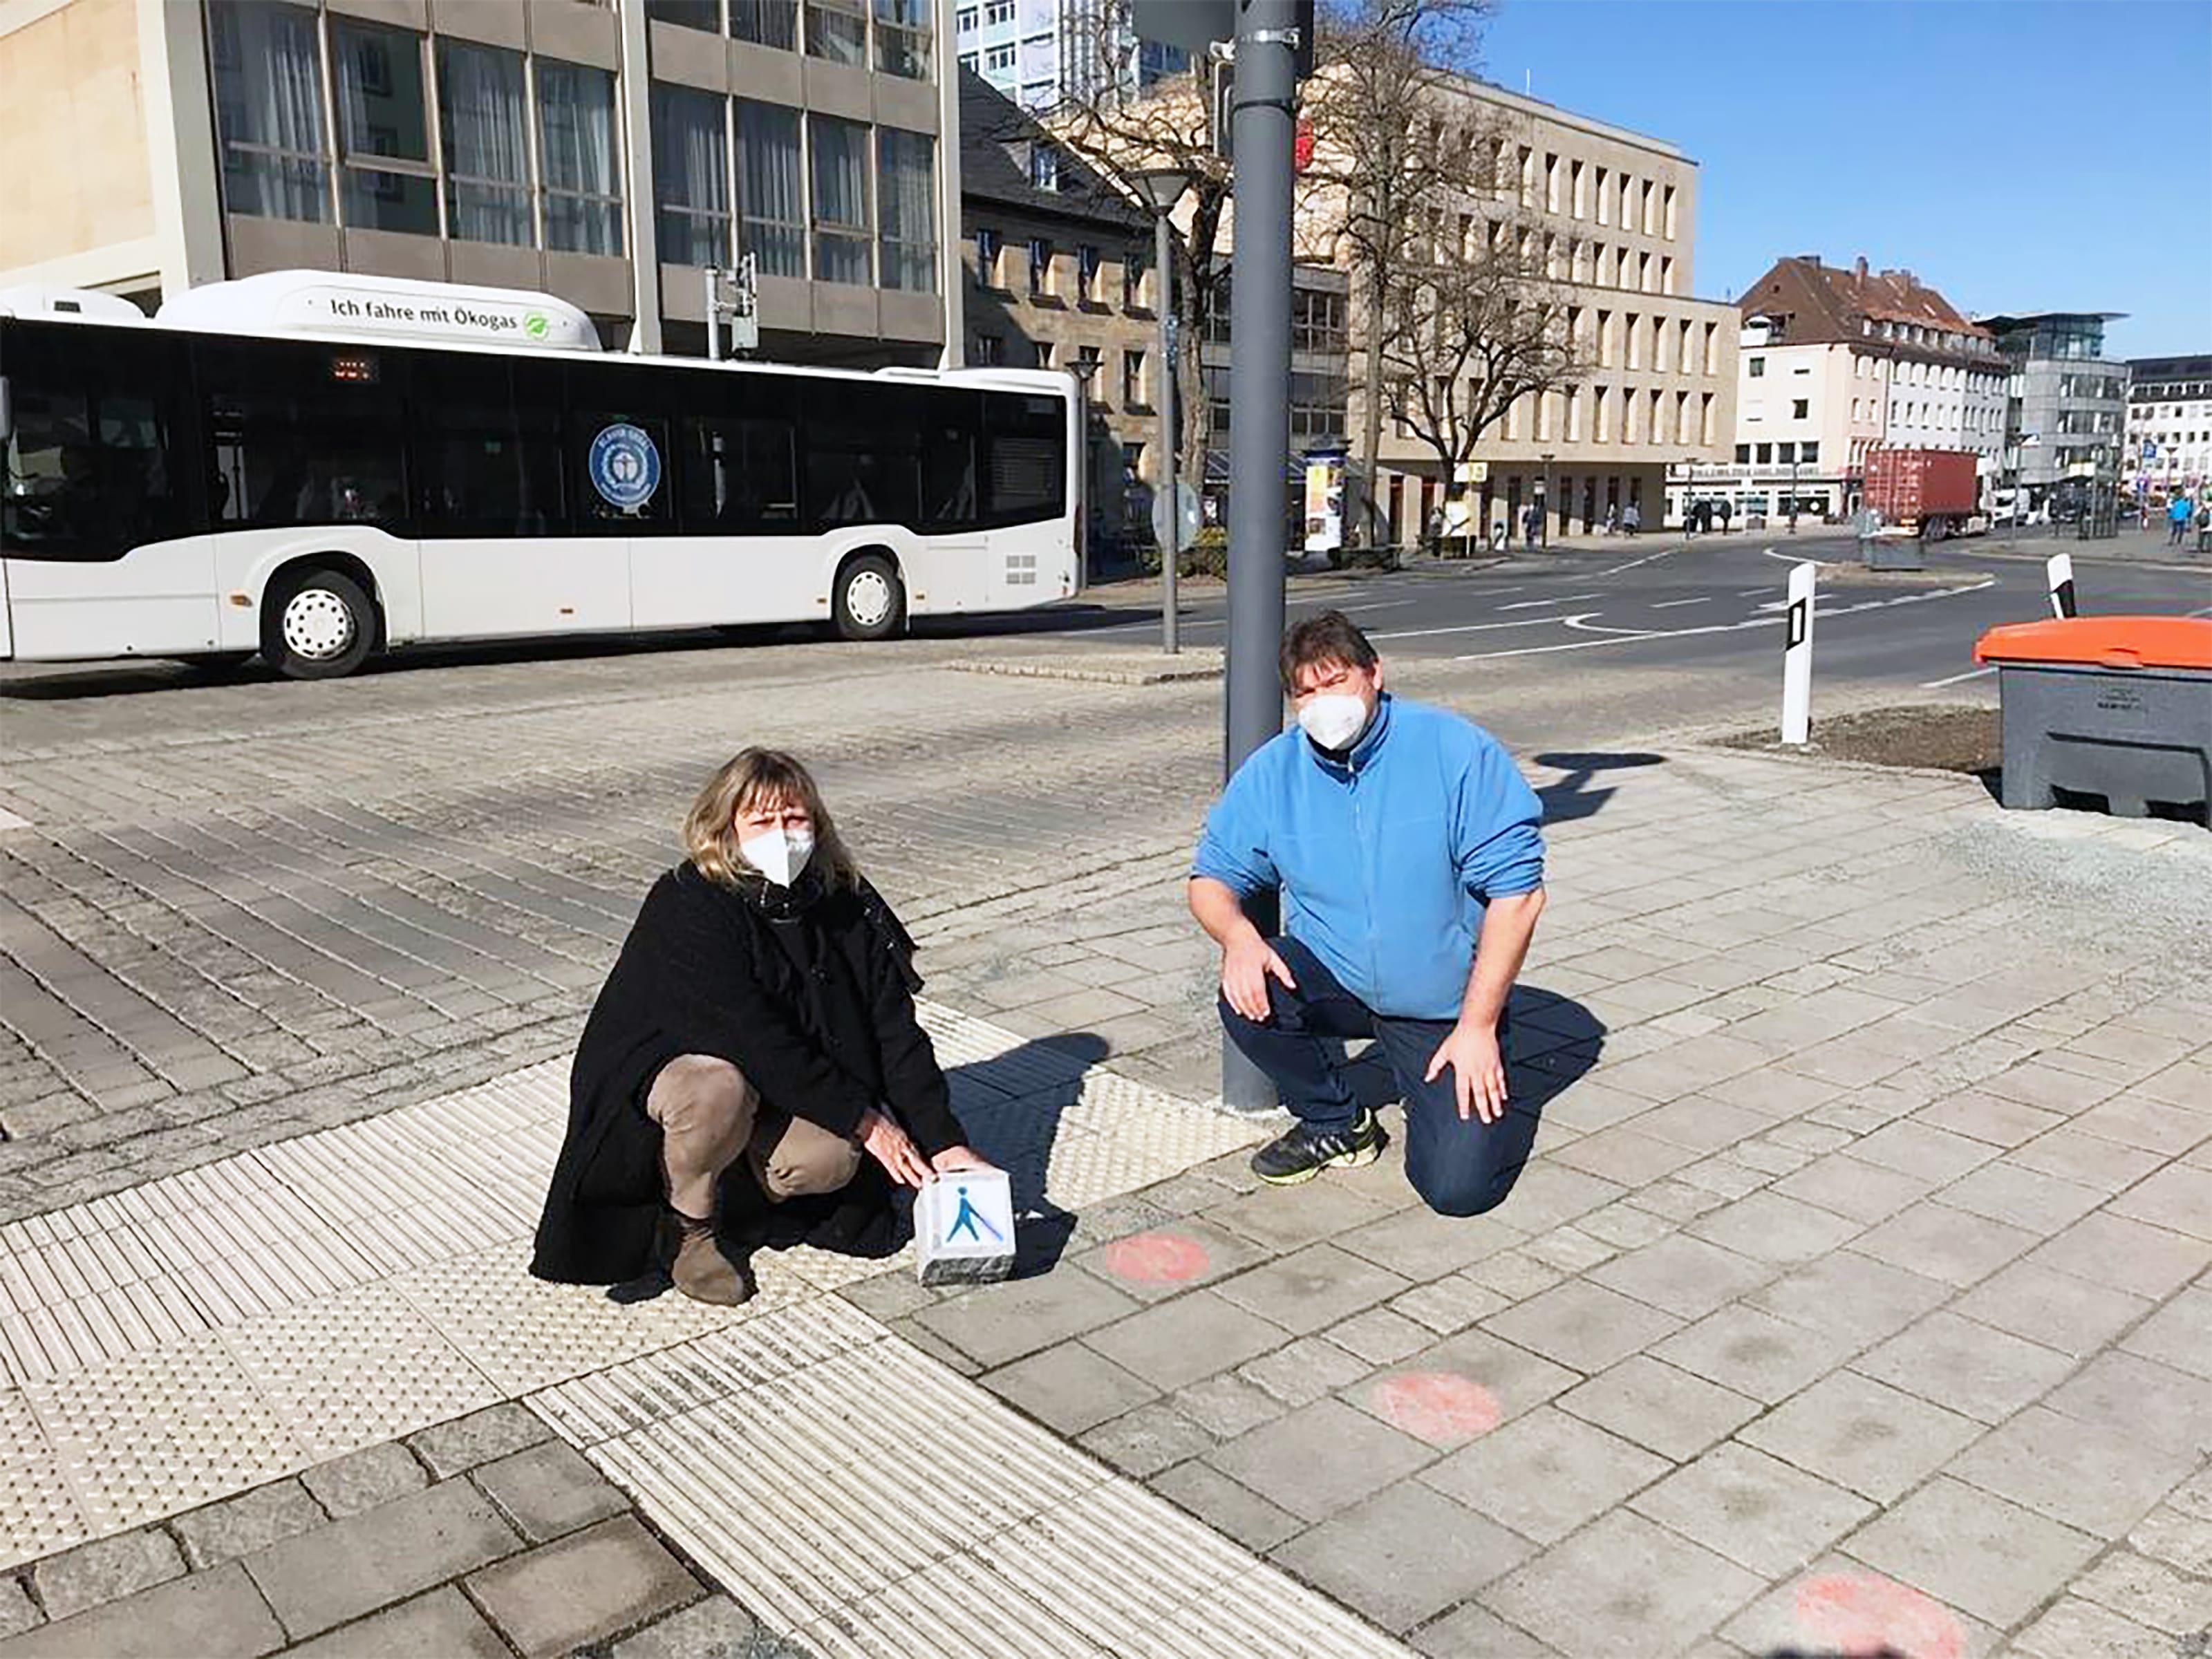 Margit Lebershausen (Fachstelle Inklusion) und Axel Höhmann (Mitglied des Behindertenbeirates) zeigen das Blindenlogo, das aufgesprüht werden soll